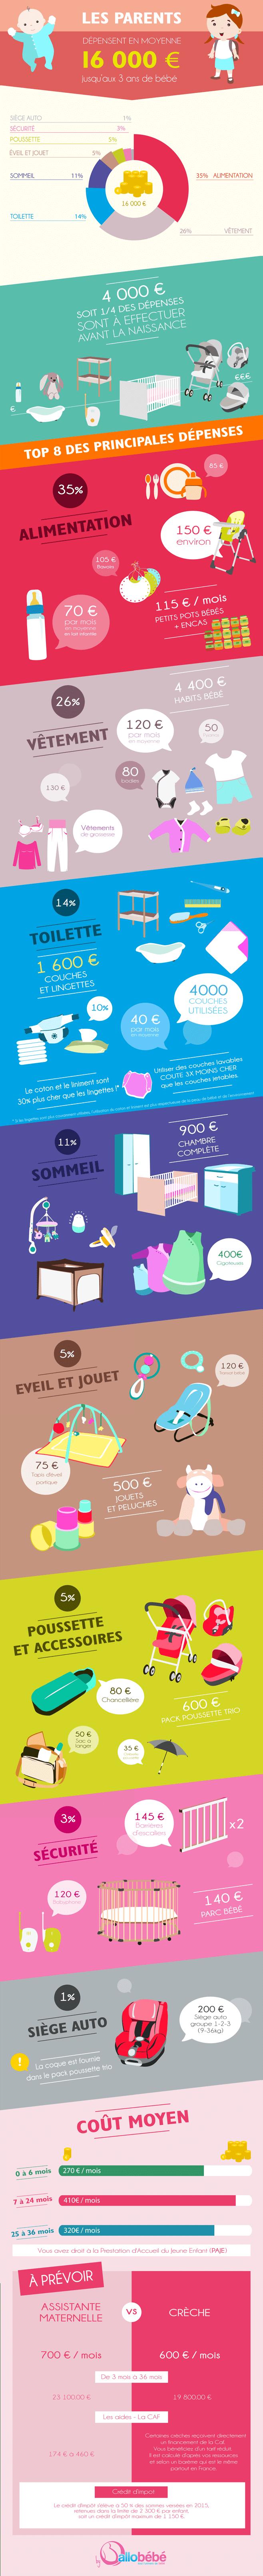 infographie coût d'un bébé de la naissance à 3 ans